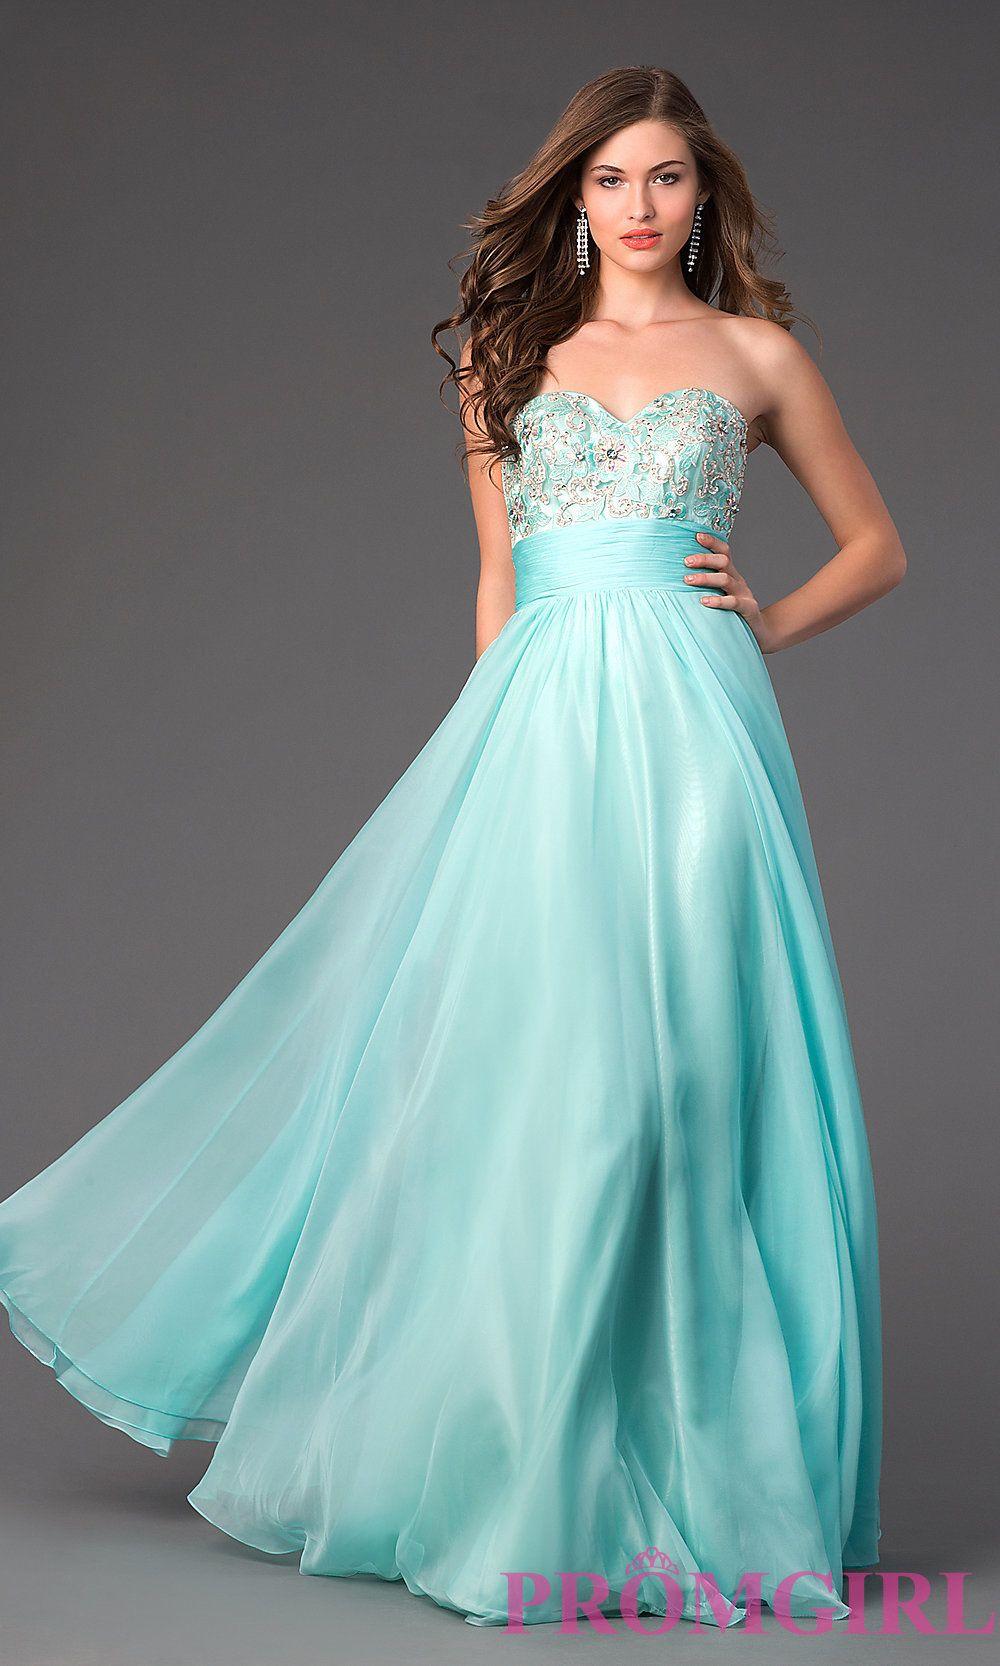 8012592fe69 Prom Dresses